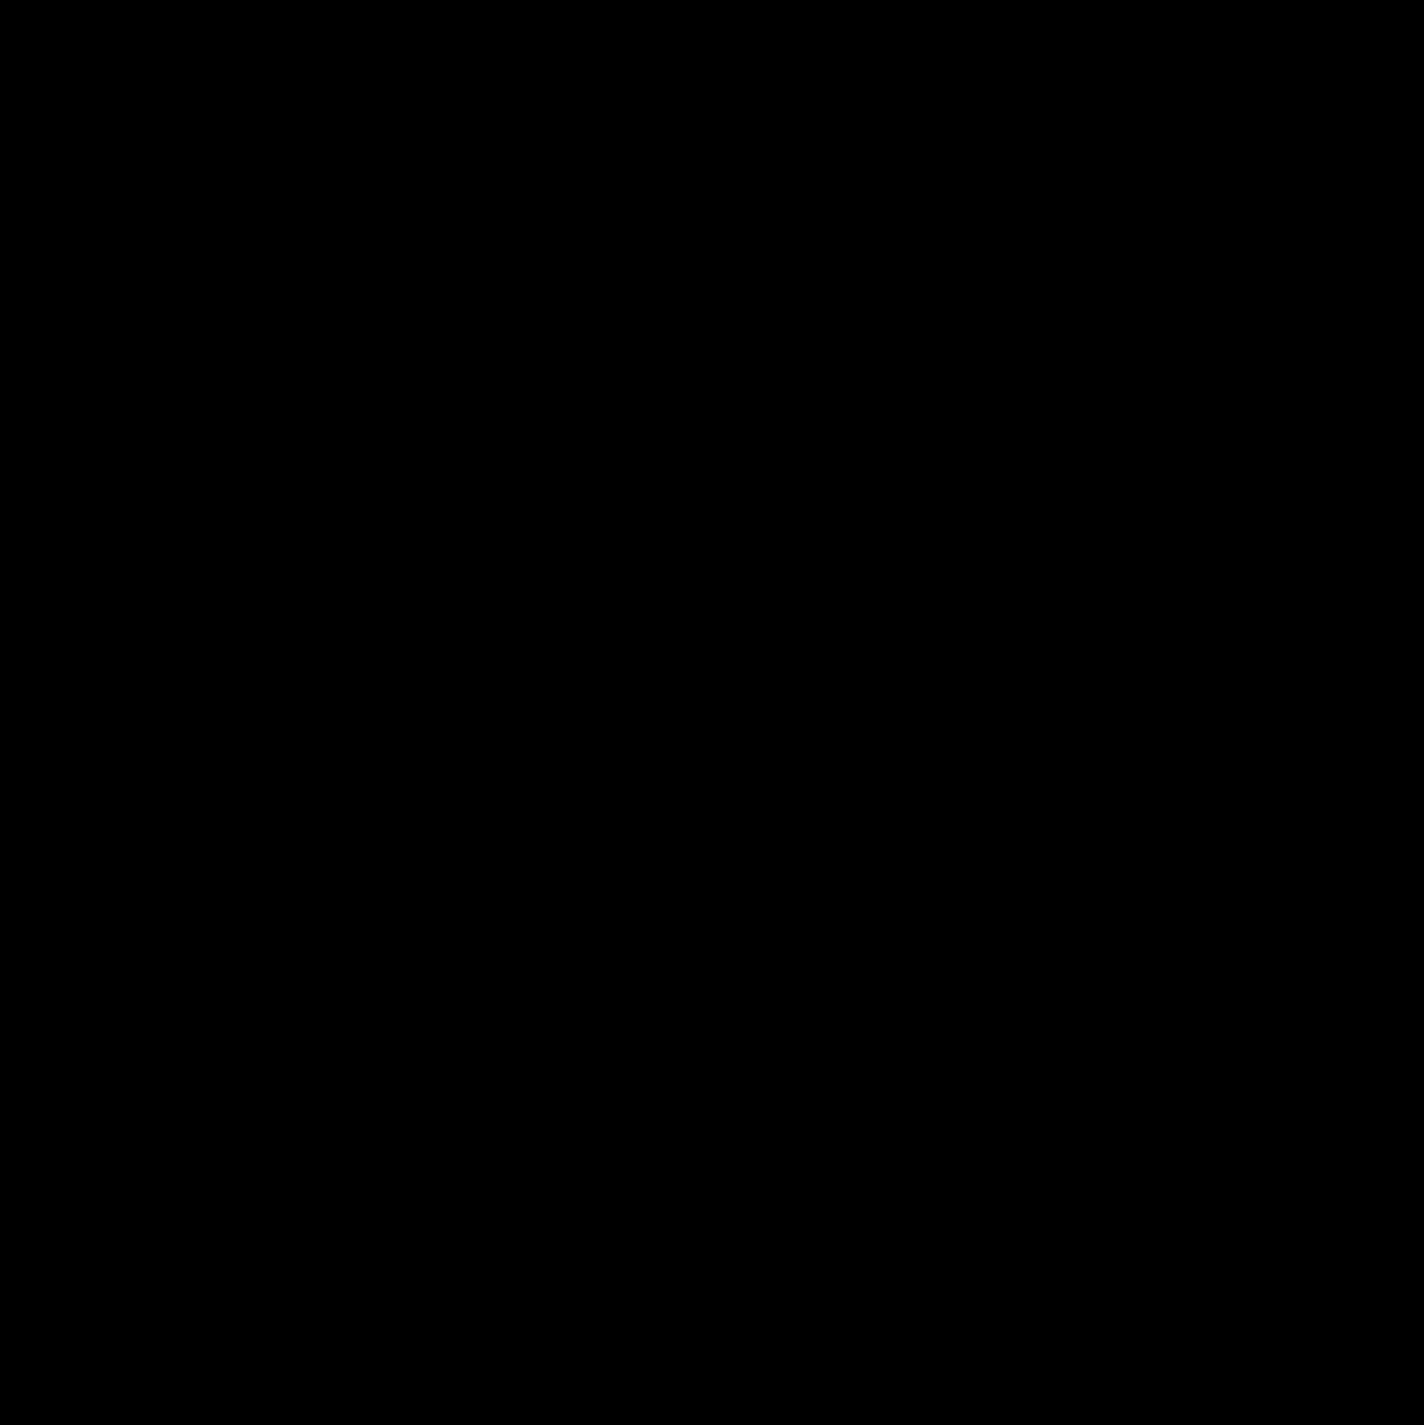 40ansflexopmr